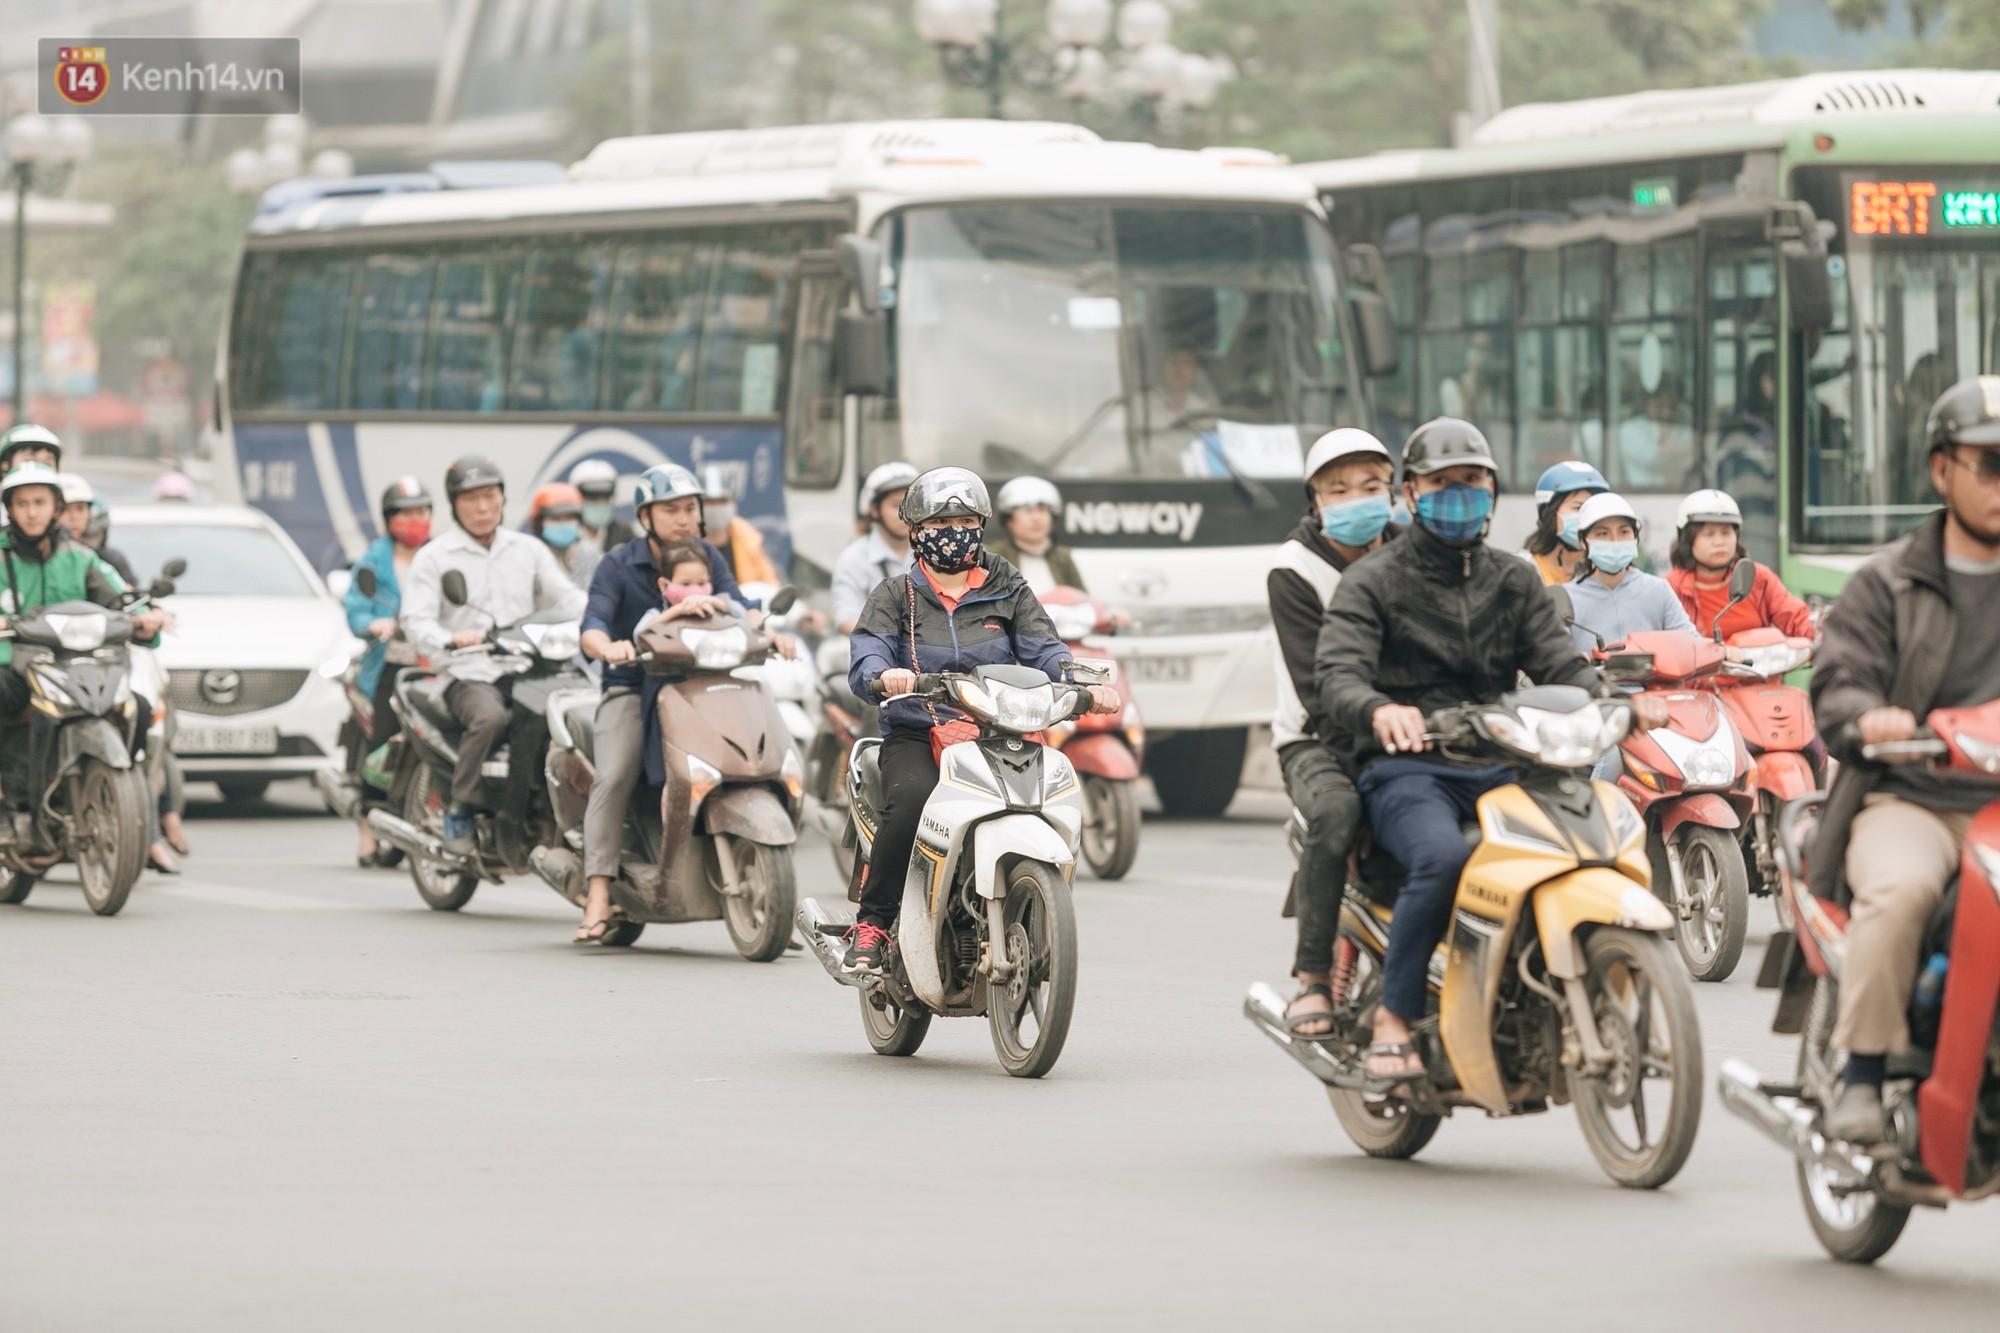 Chuyên gia và người dân nói về thí điểm cấm xe máy trên 2 tuyến đường ở Hà Nội: Phải có lộ trình, sau đó từng bước phát triển hạ tầng, giao thông công cộng - Ảnh 4.